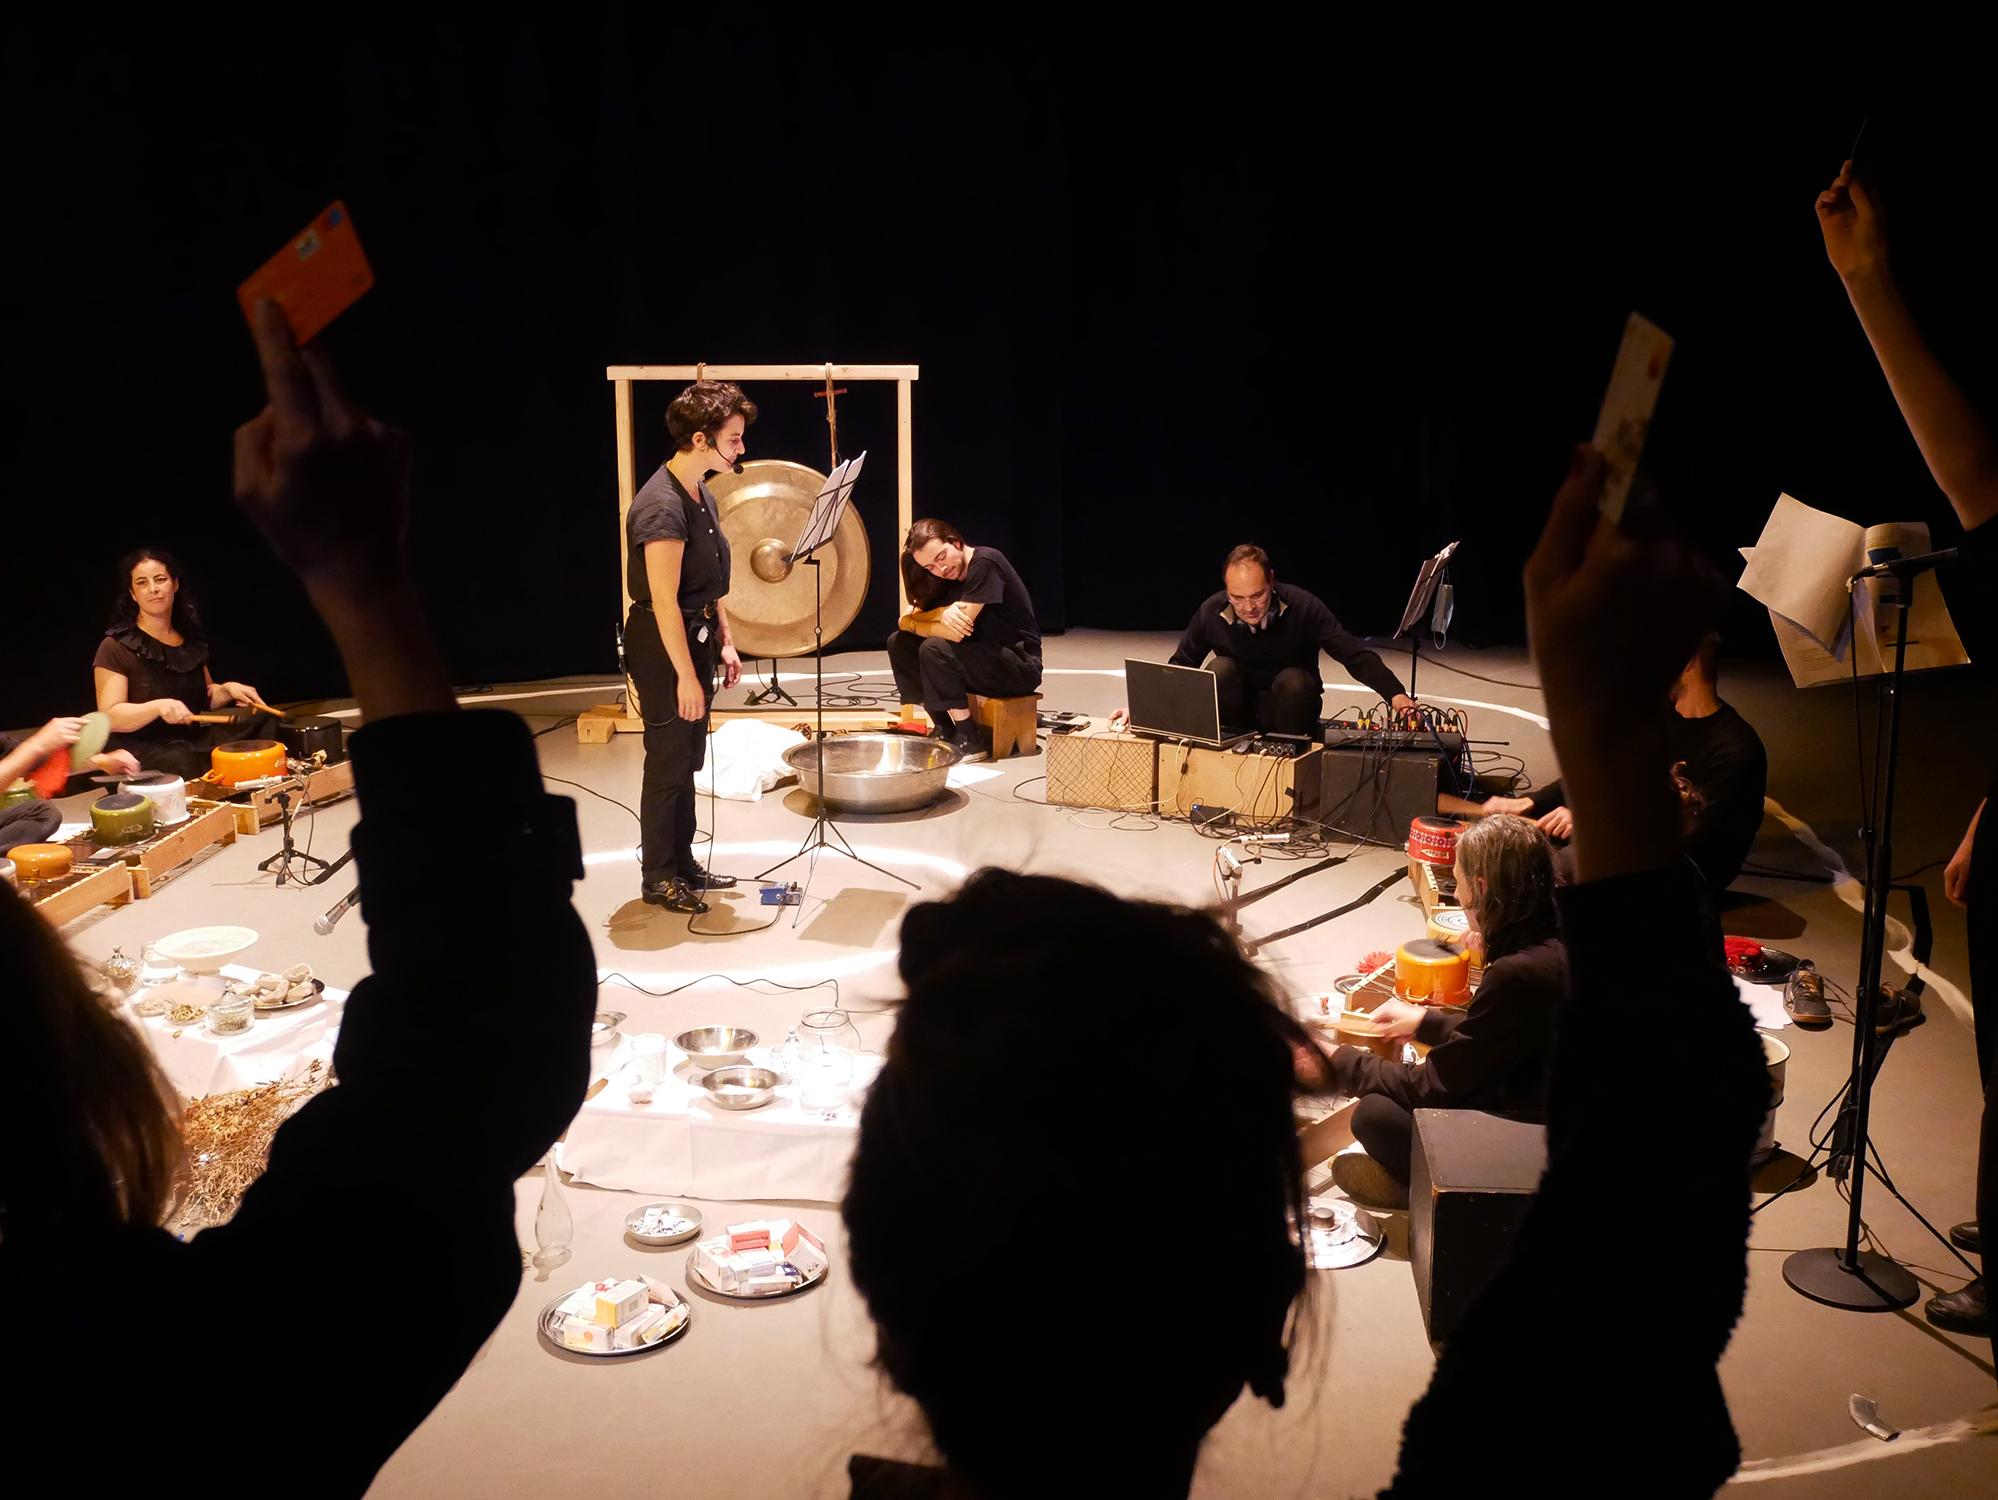 Rituel Radio-actif. Centre Pôle Nord (BXL Solidarité Internationale et CNCD – 11.11.11 Bruxelles)– Bruxelles